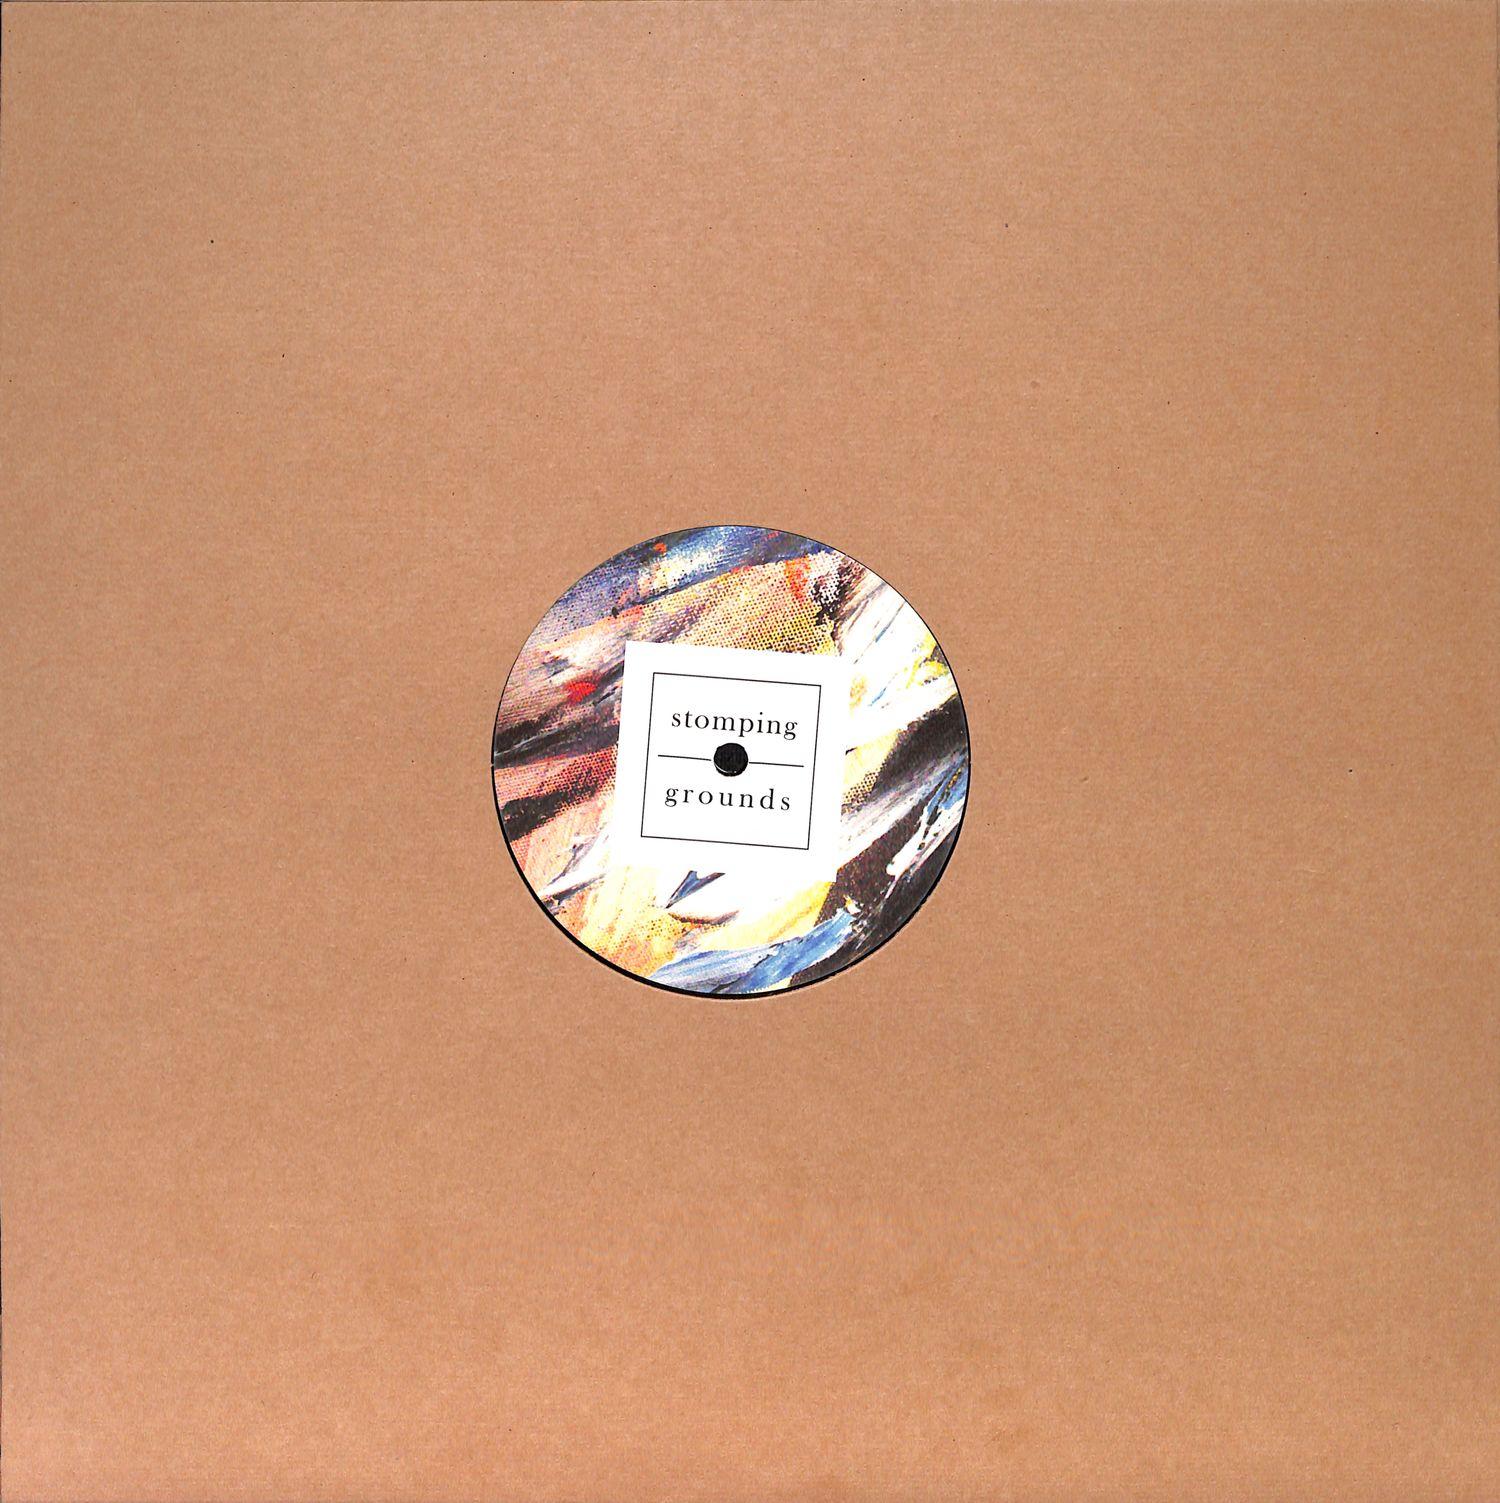 Heerd / Noah Skelton - STOMPING GROUNDS 006